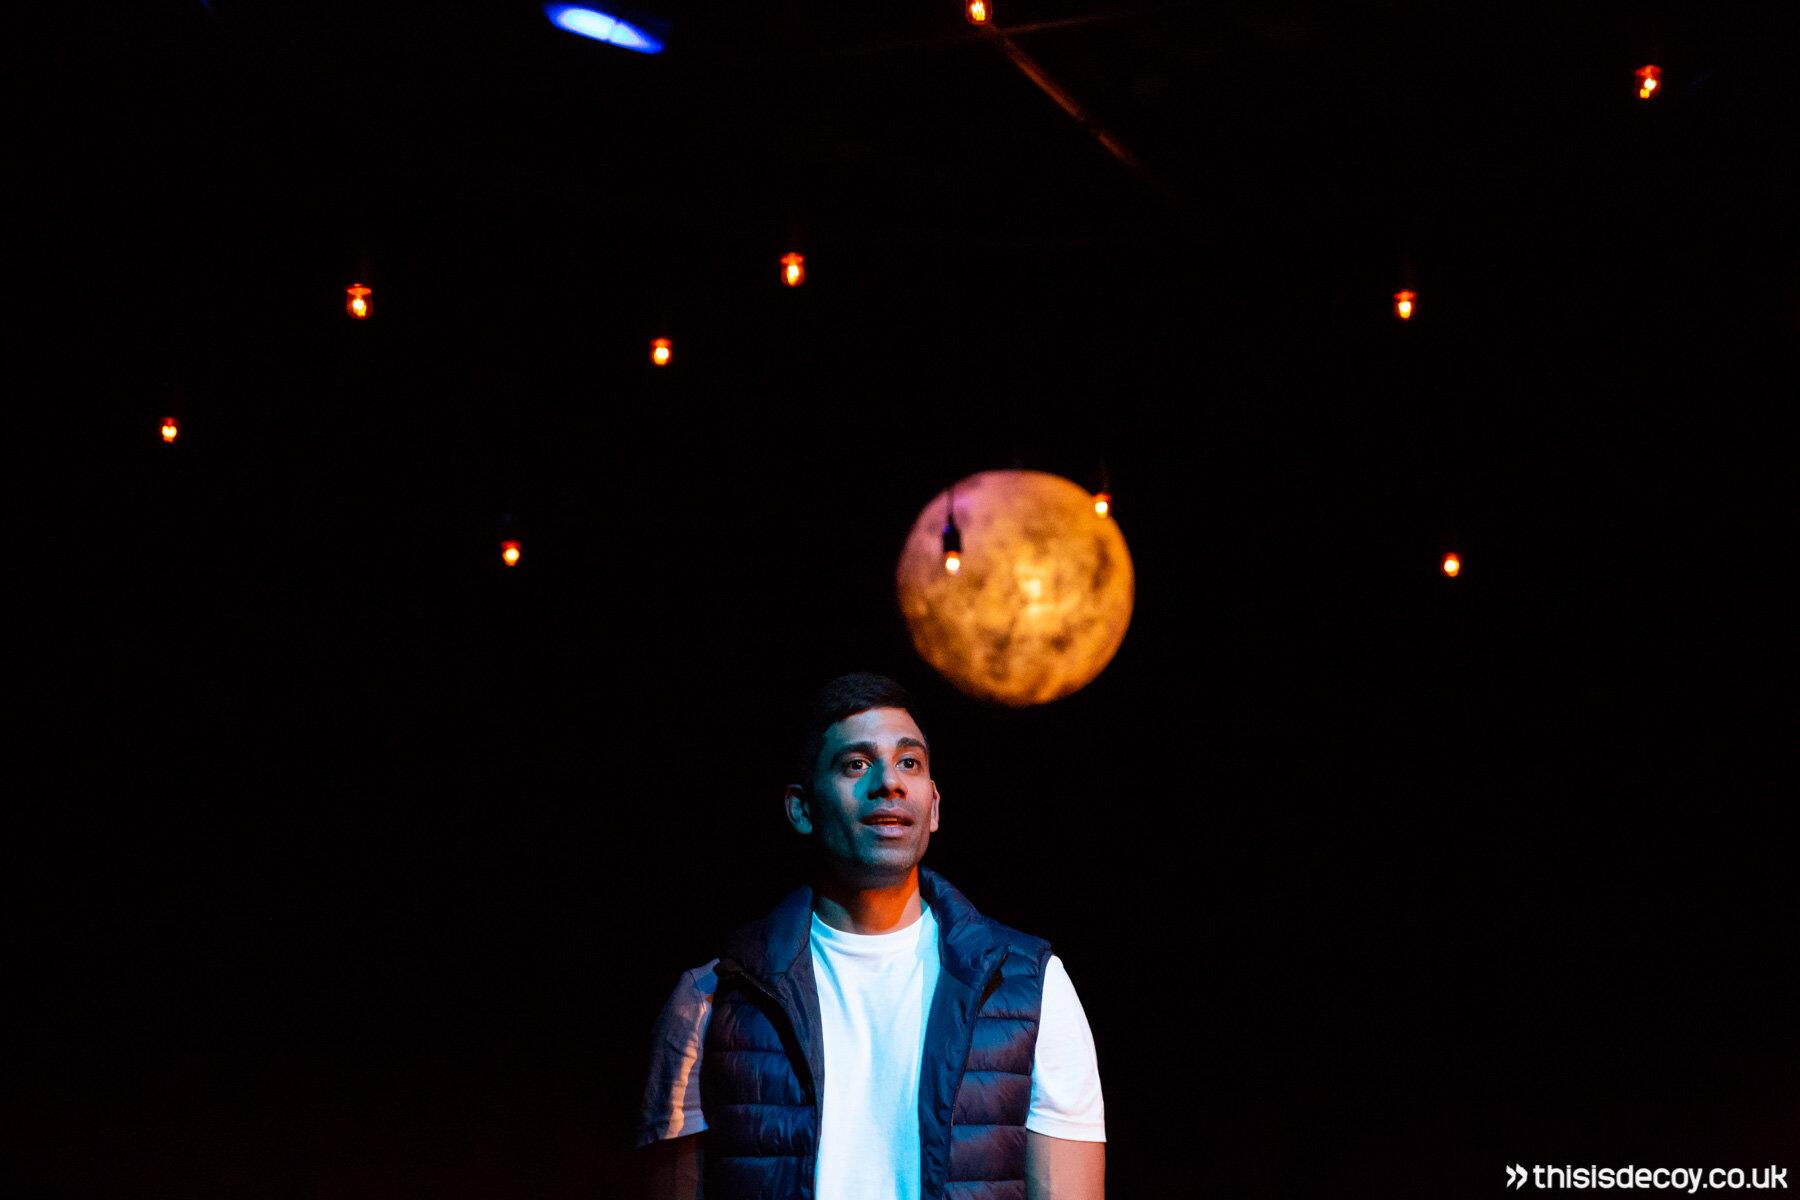 man moon stars